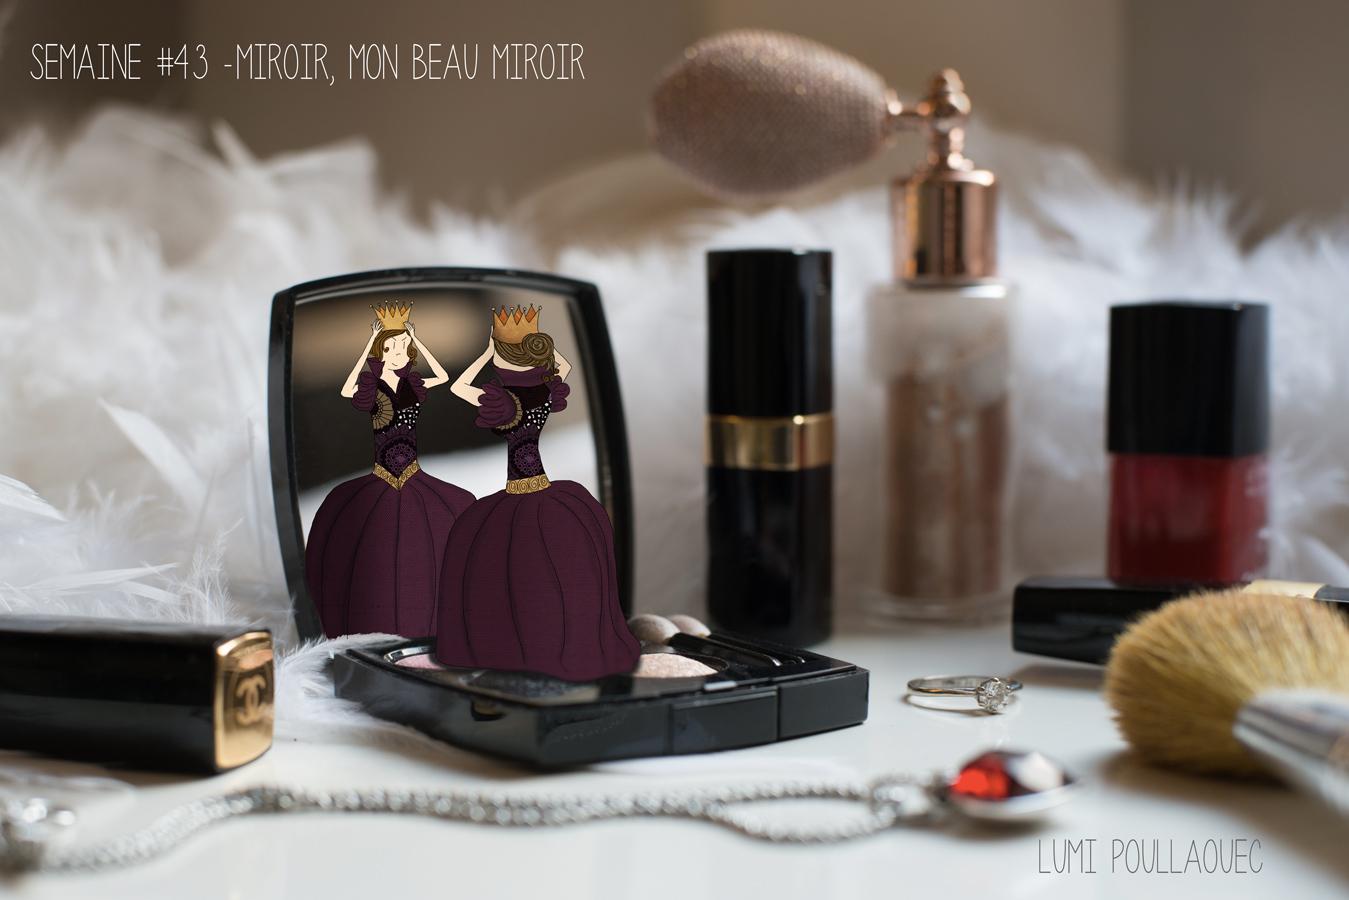 Miroir mon beau miroir…  (Projet 52)